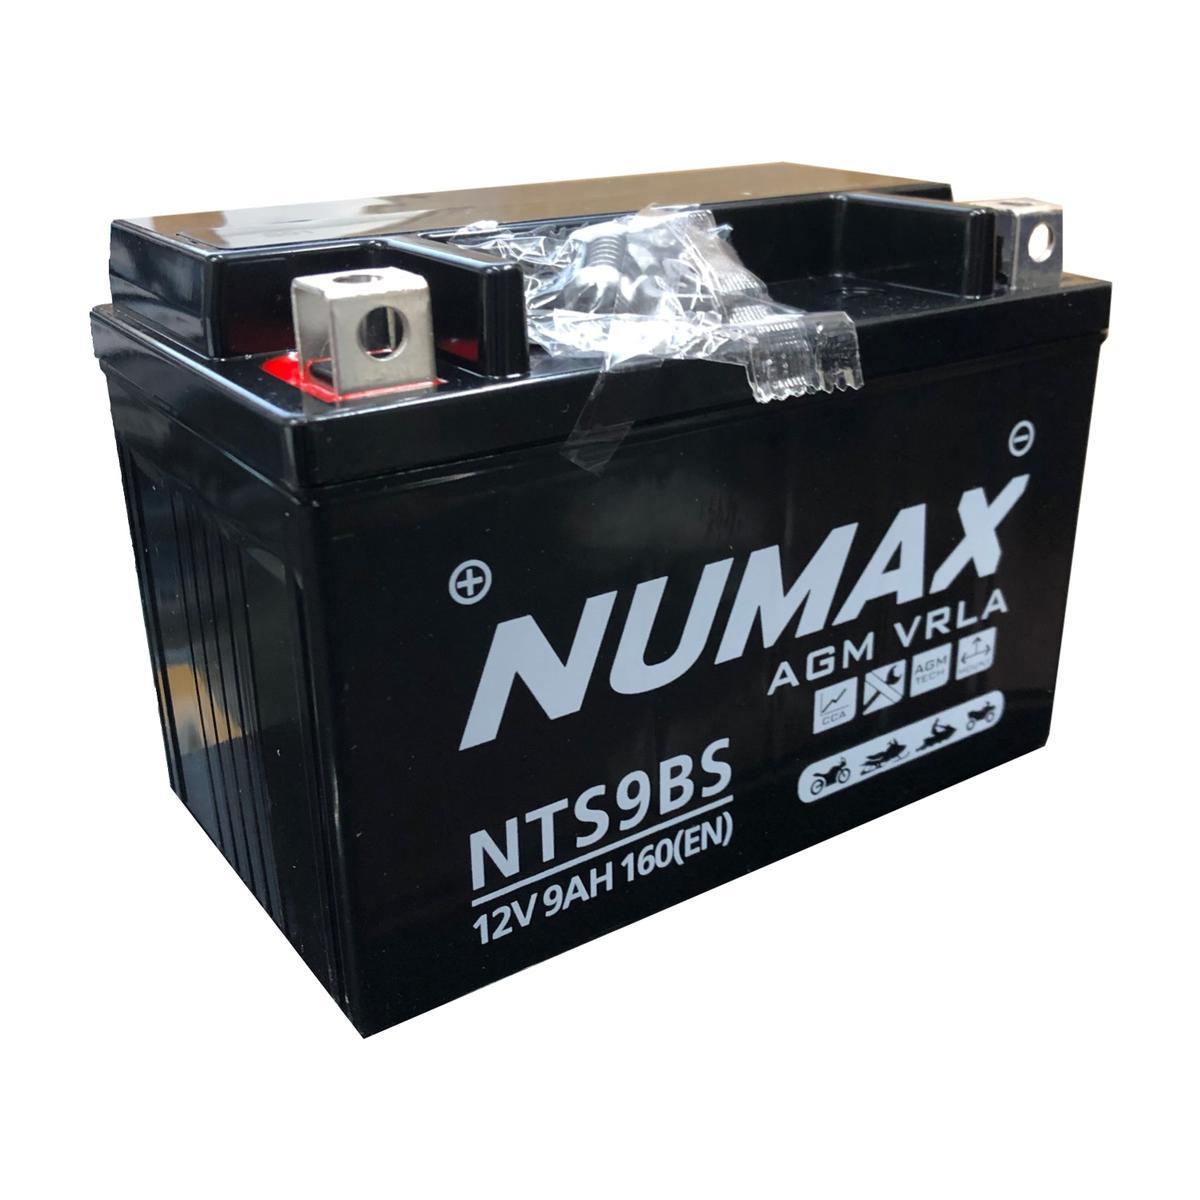 Numax NTS9BS 12v Motorbike Bike Battery KAWASAKI 600cc ZX 6R YXT9B-4